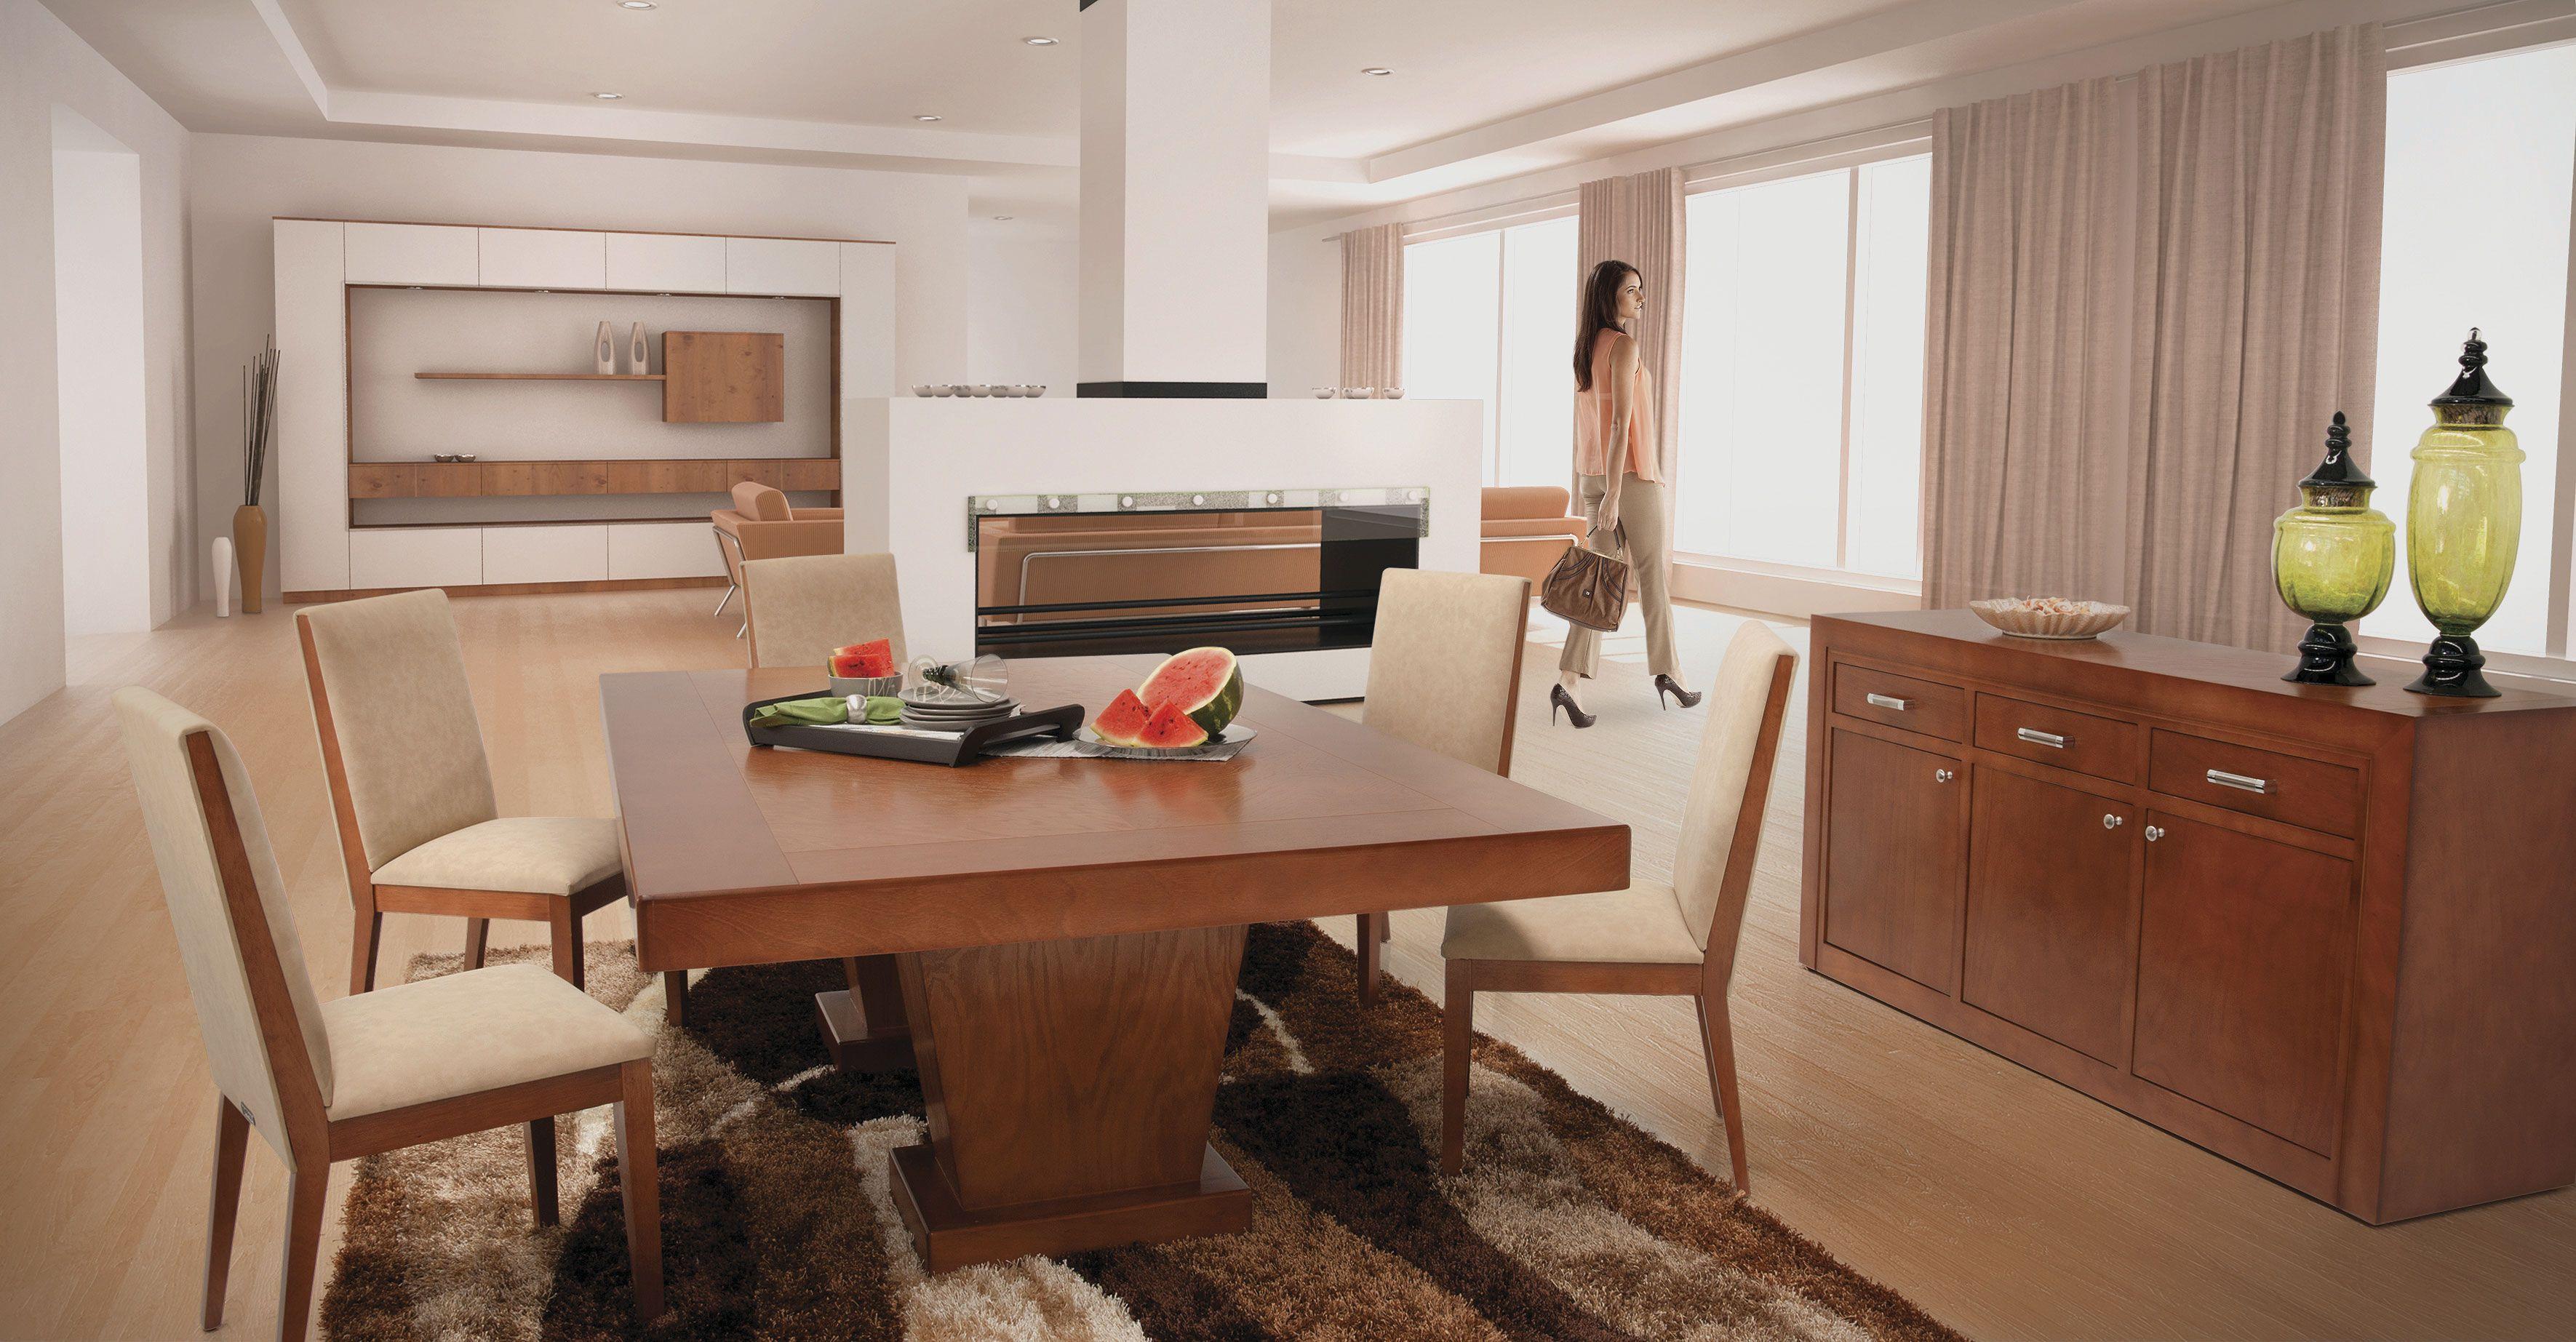 Comedor Dubay Almendra De Placencia Muebles Muebles Plascencia  # Muebles Placencia